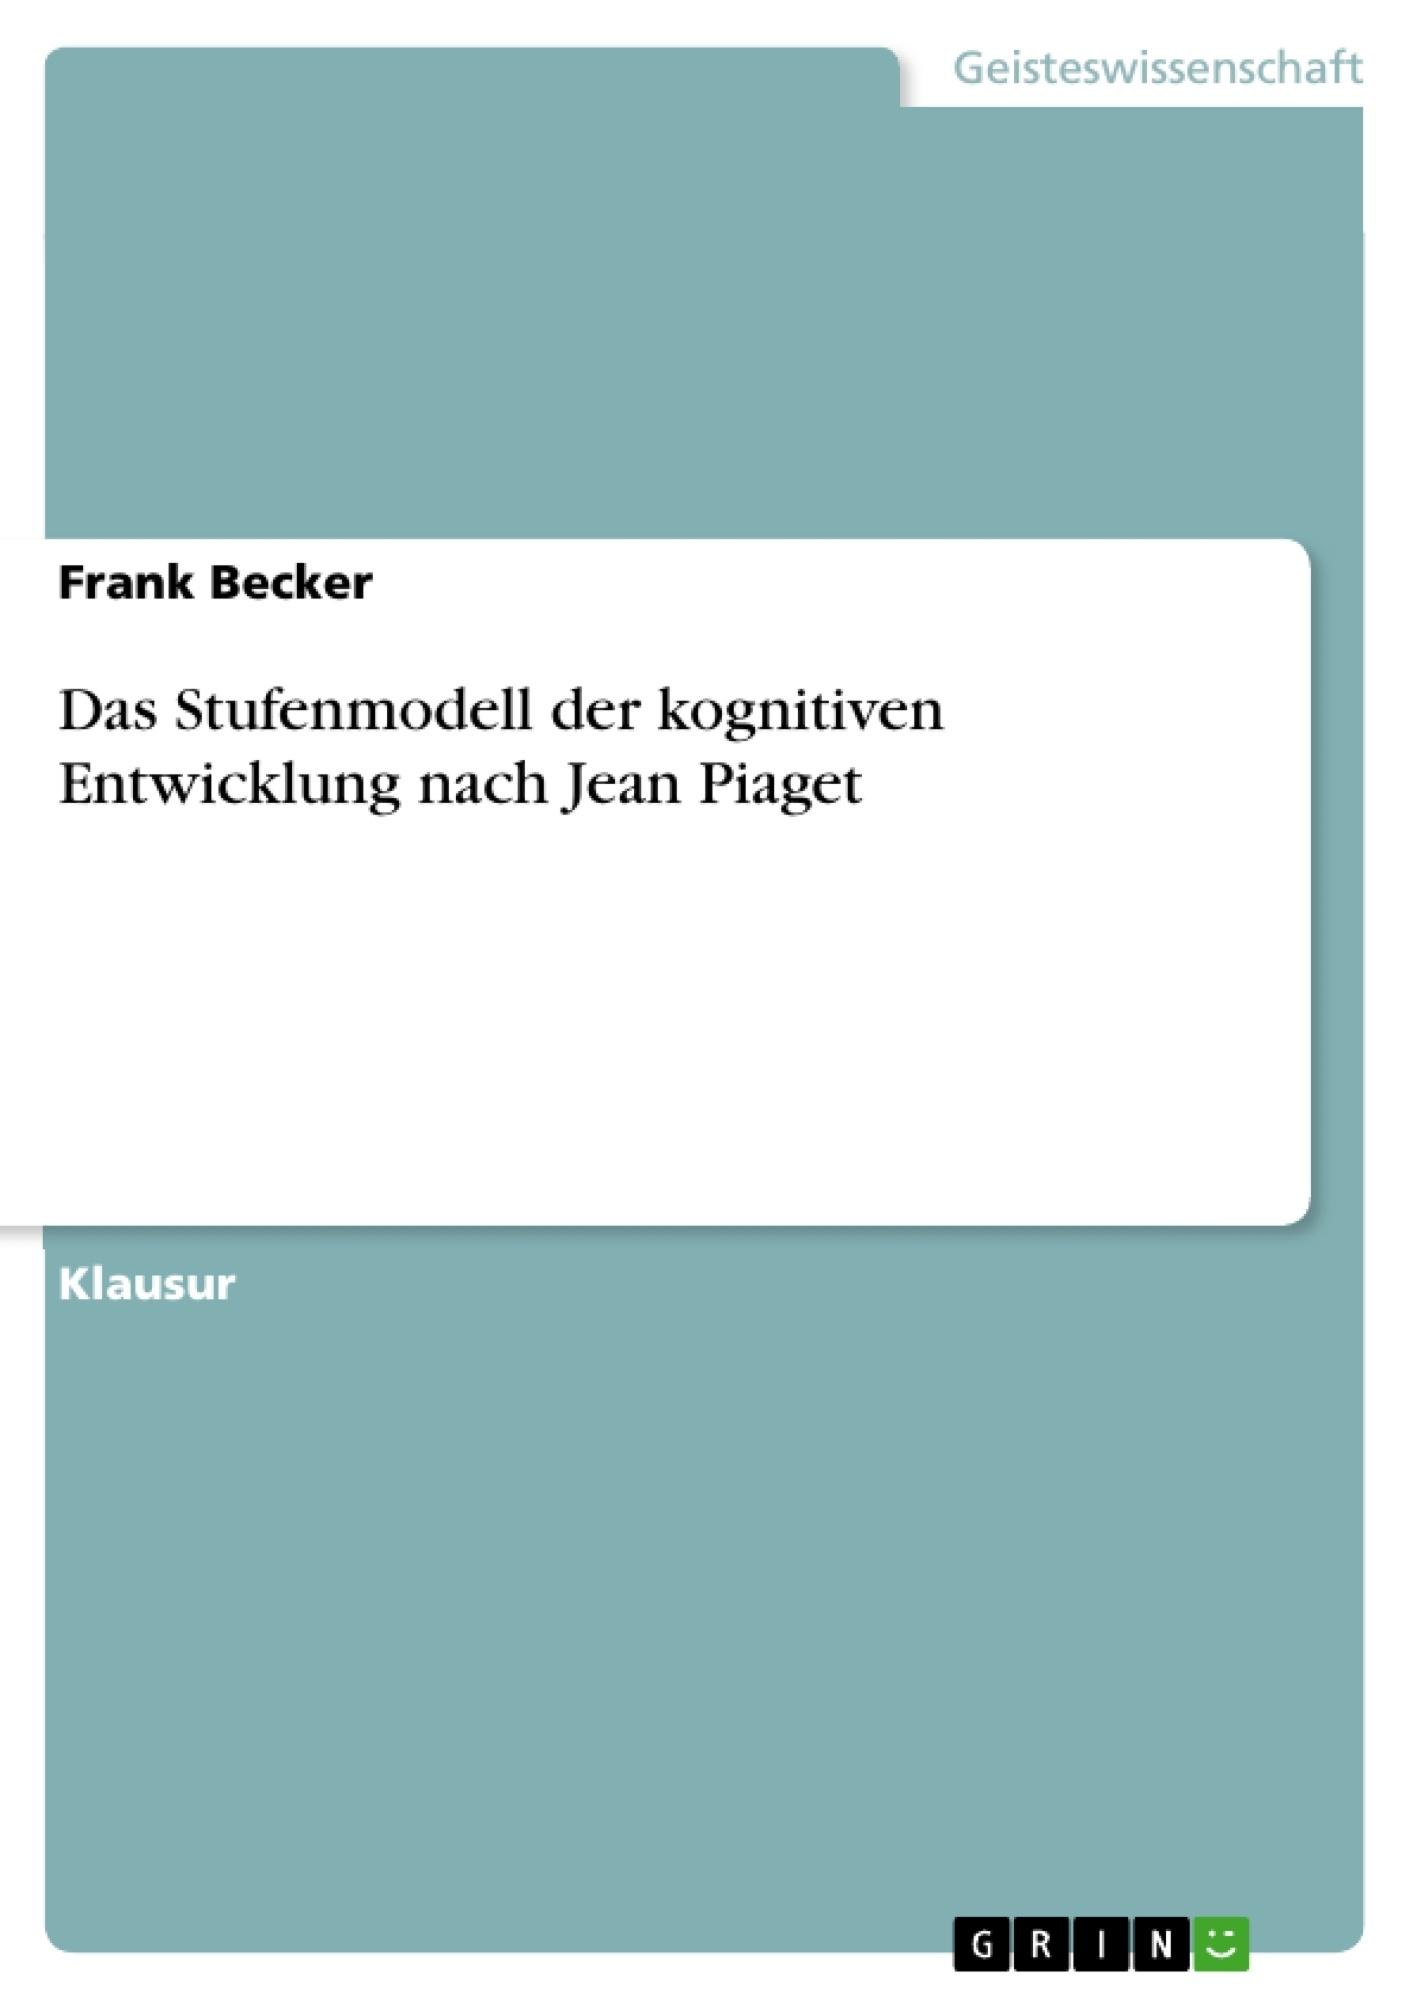 Titel: Das Stufenmodell der kognitiven Entwicklung nach Jean Piaget